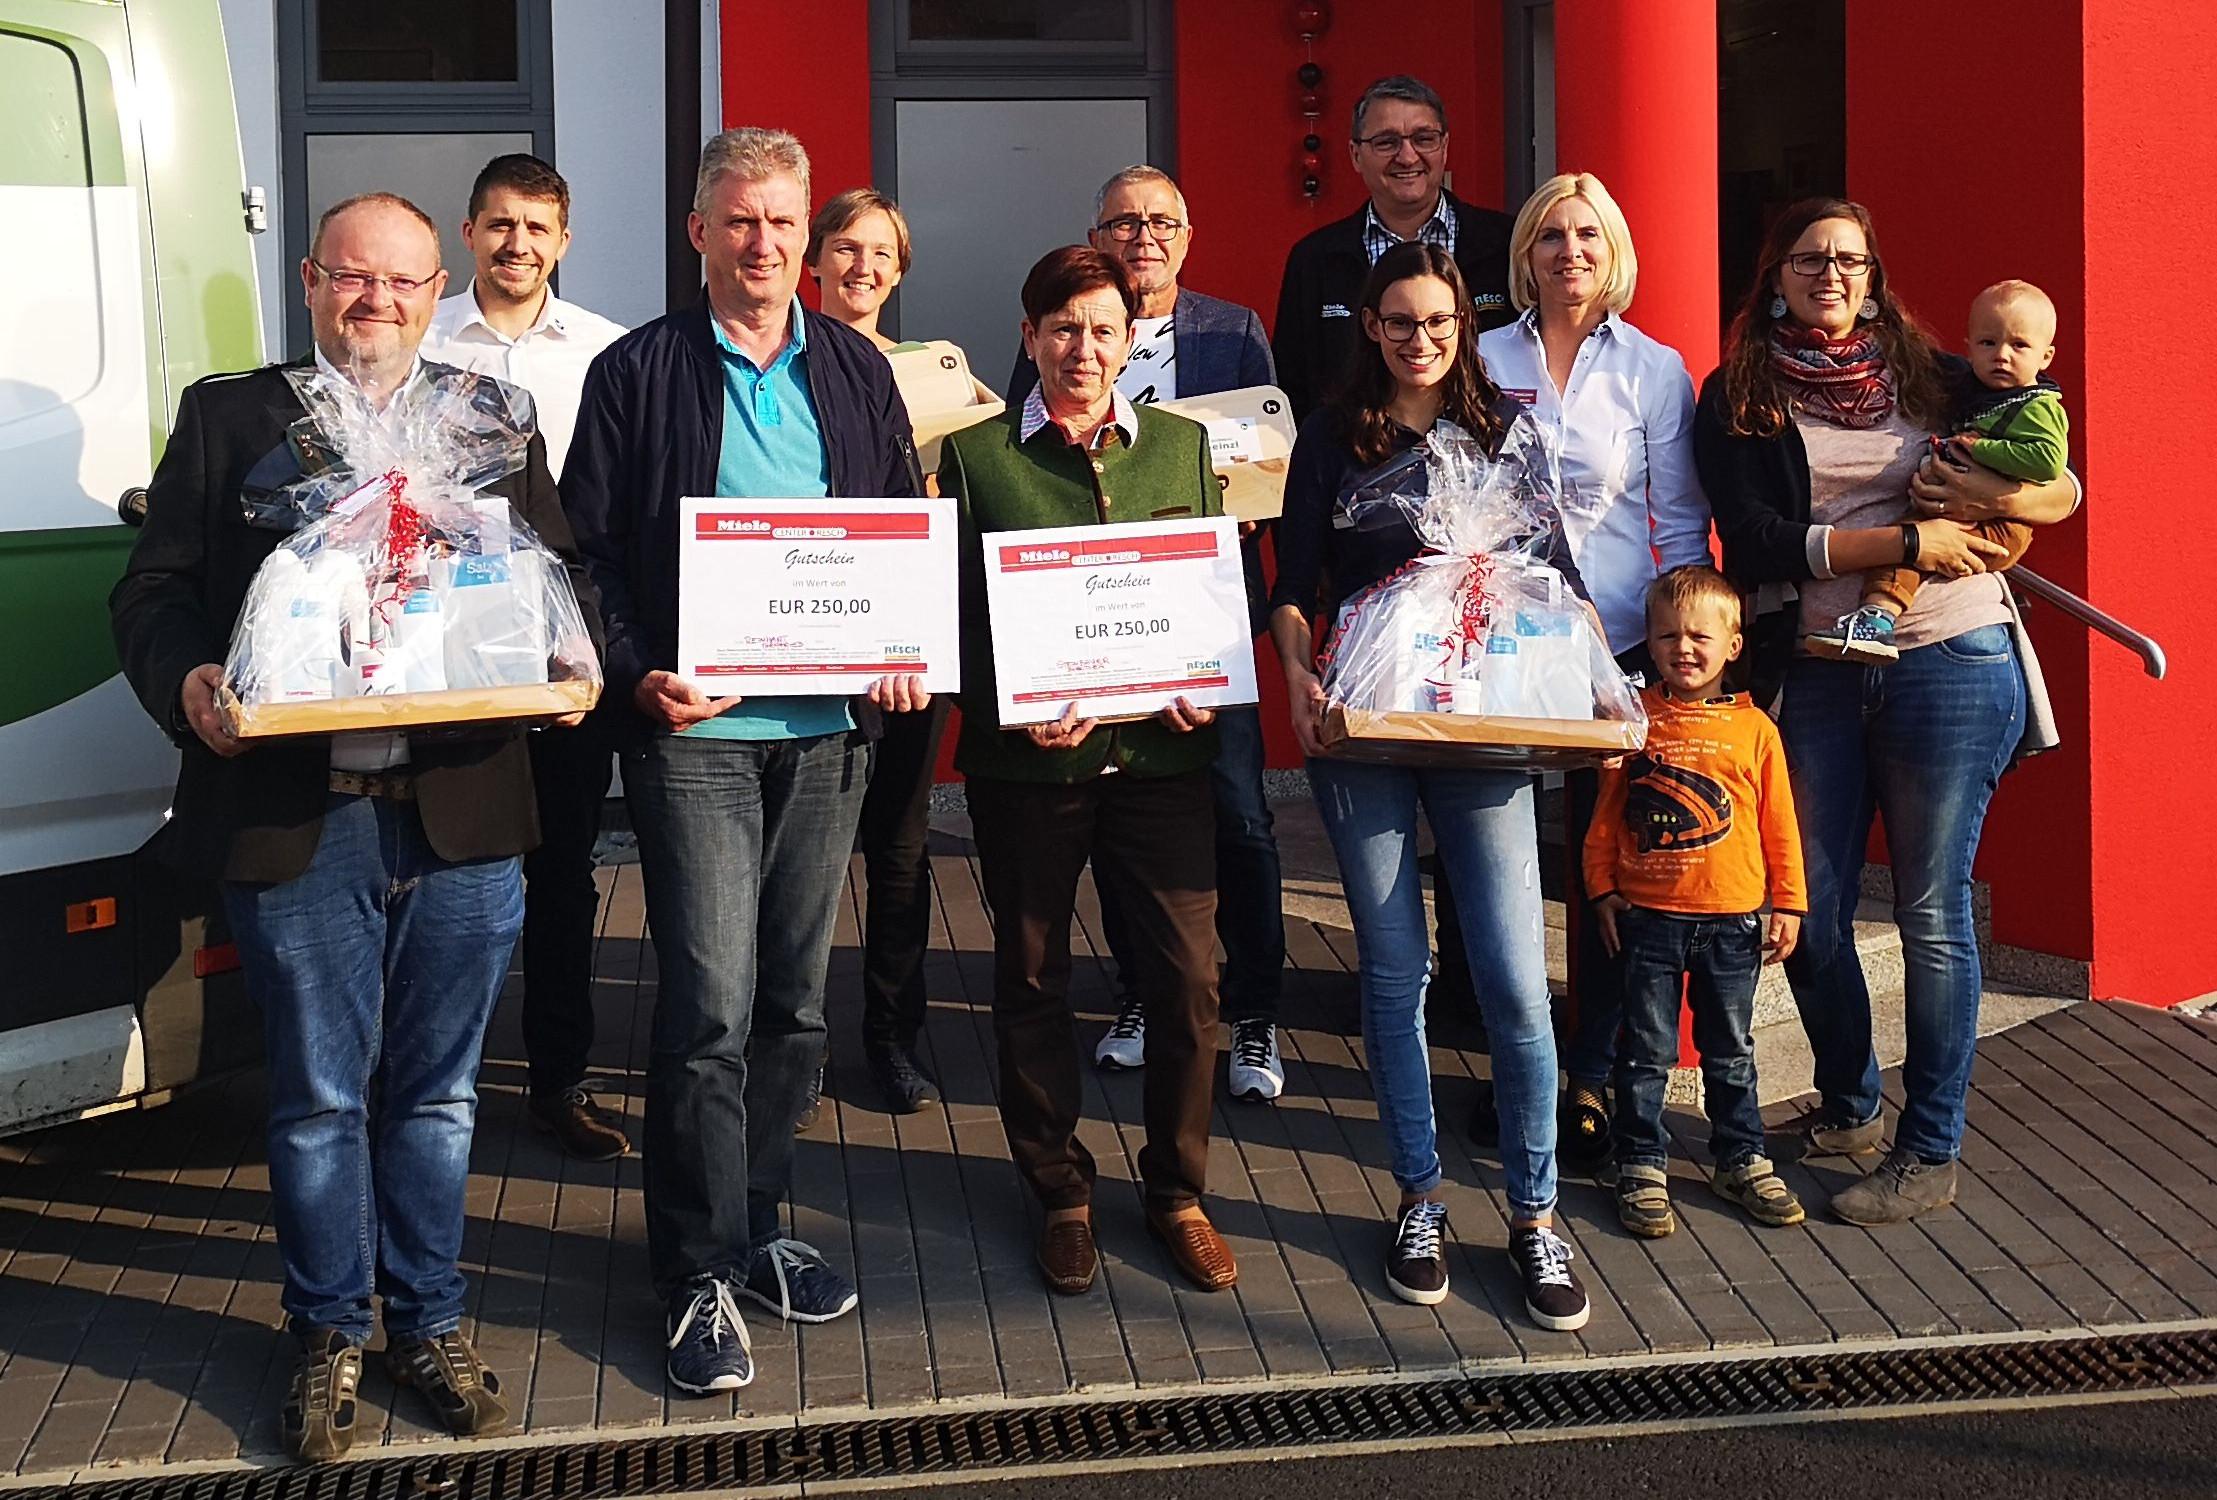 Gewinner Gewinnspiel Hausmesse 2018 im Miele Center Resch